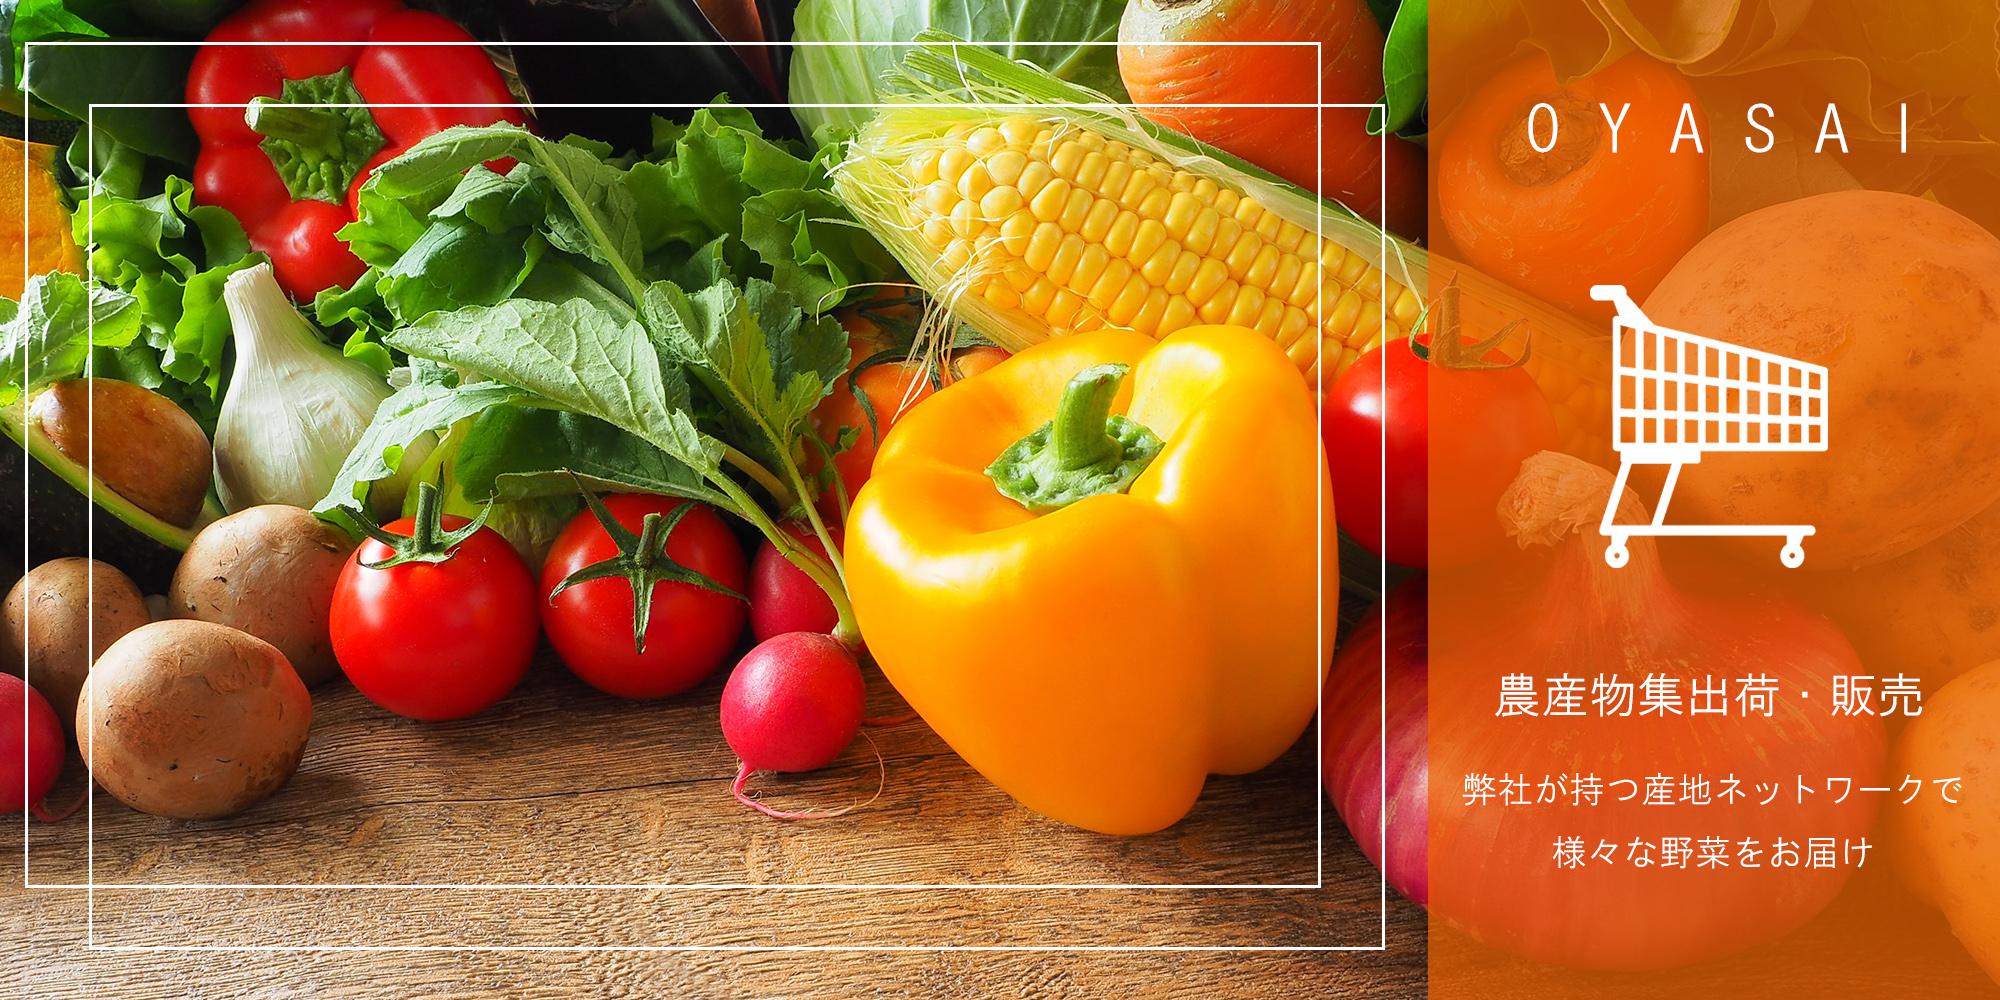 じゃがいも、ニンジン、トマト、パプリカ、トウモロコシ